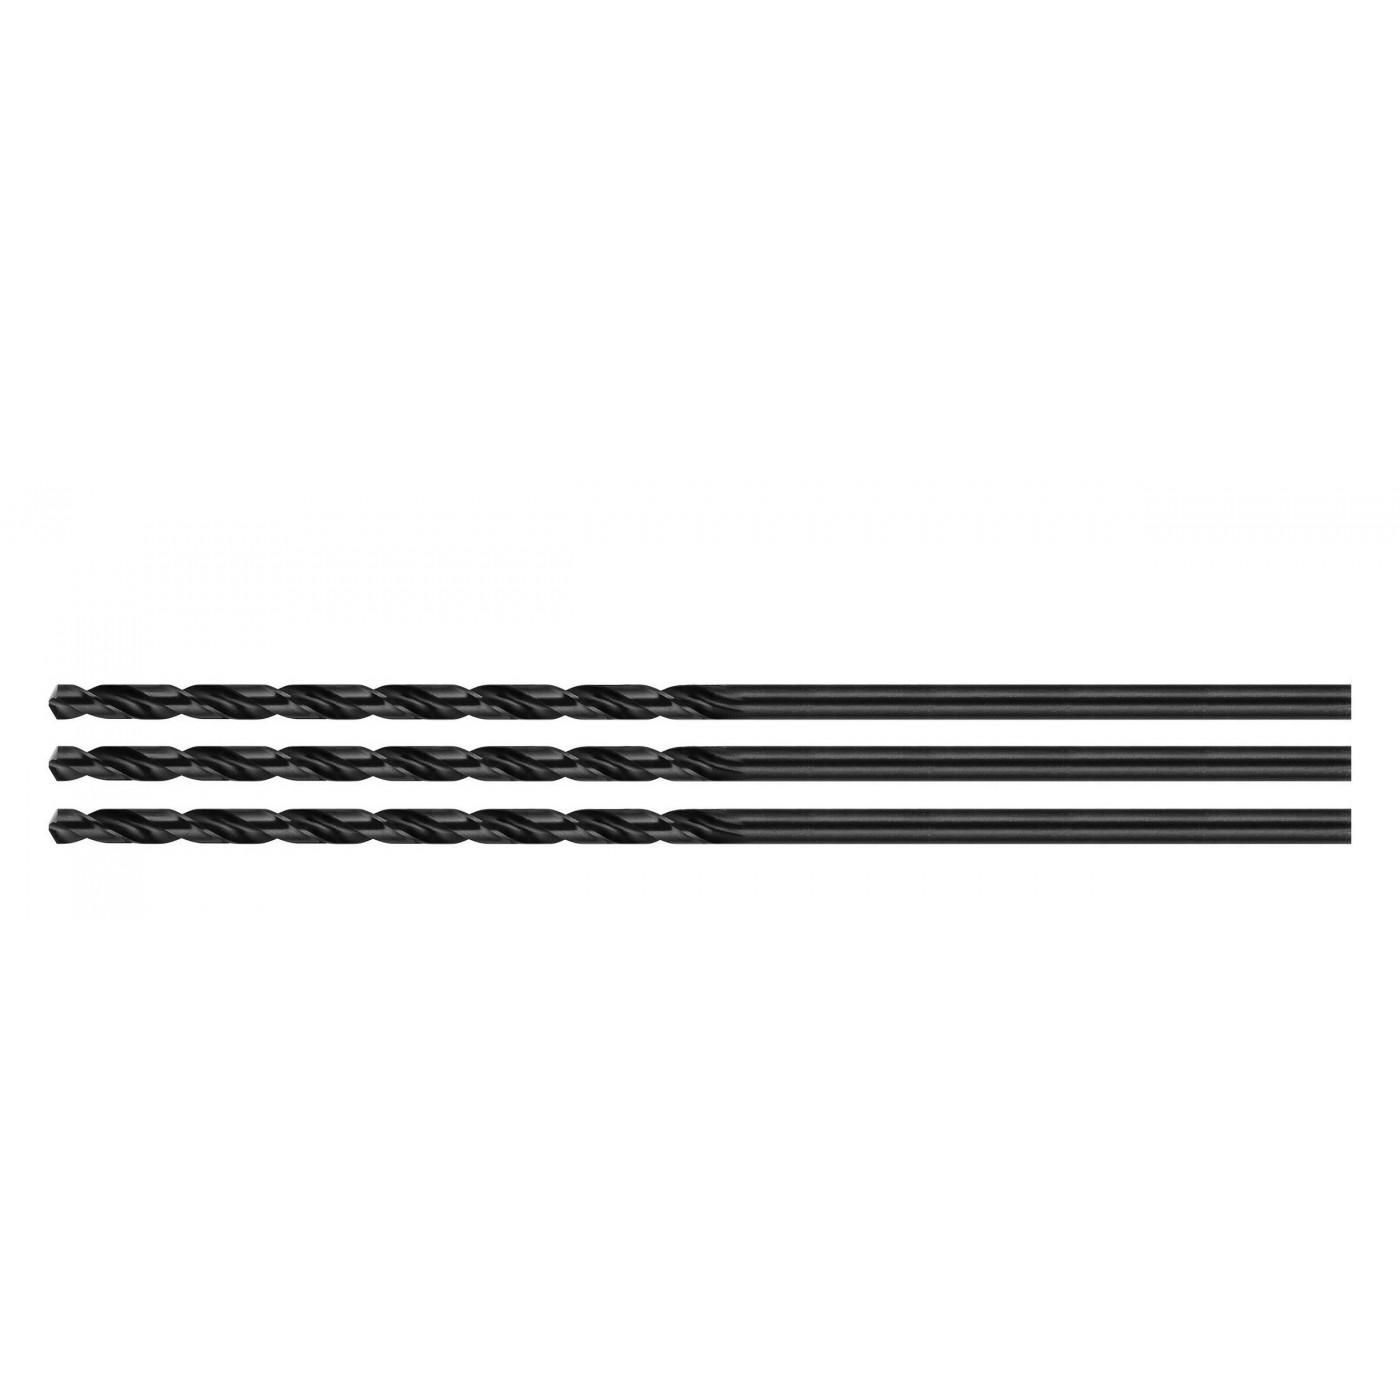 Set von 3 Metallbohrern (HSS, 6,0x250 mm)  - 1